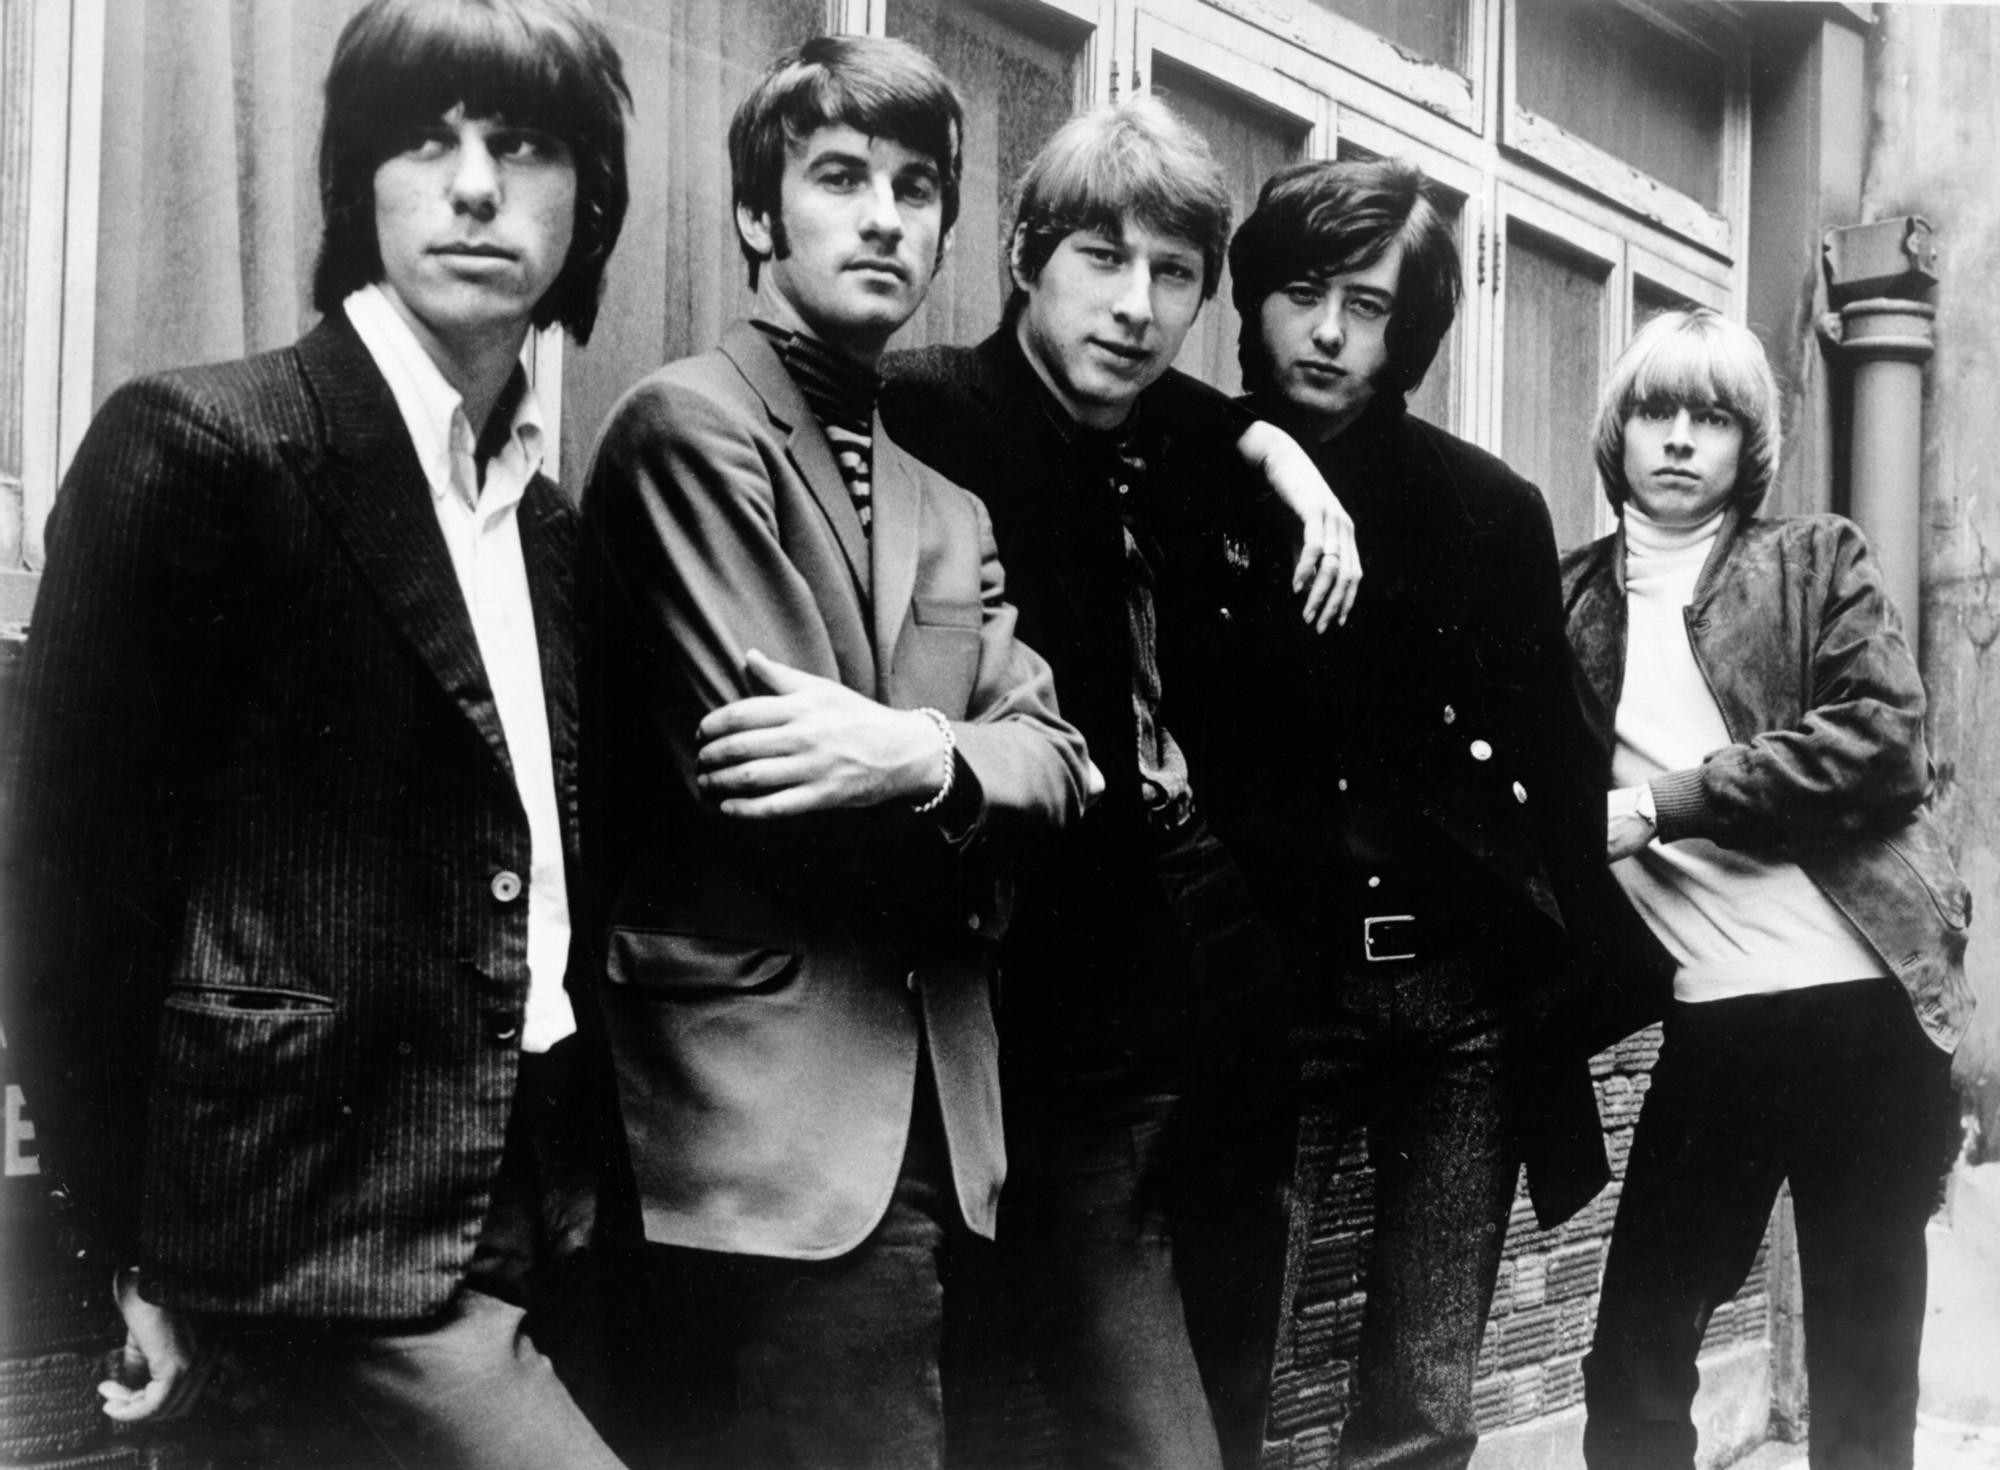 Yardbirds